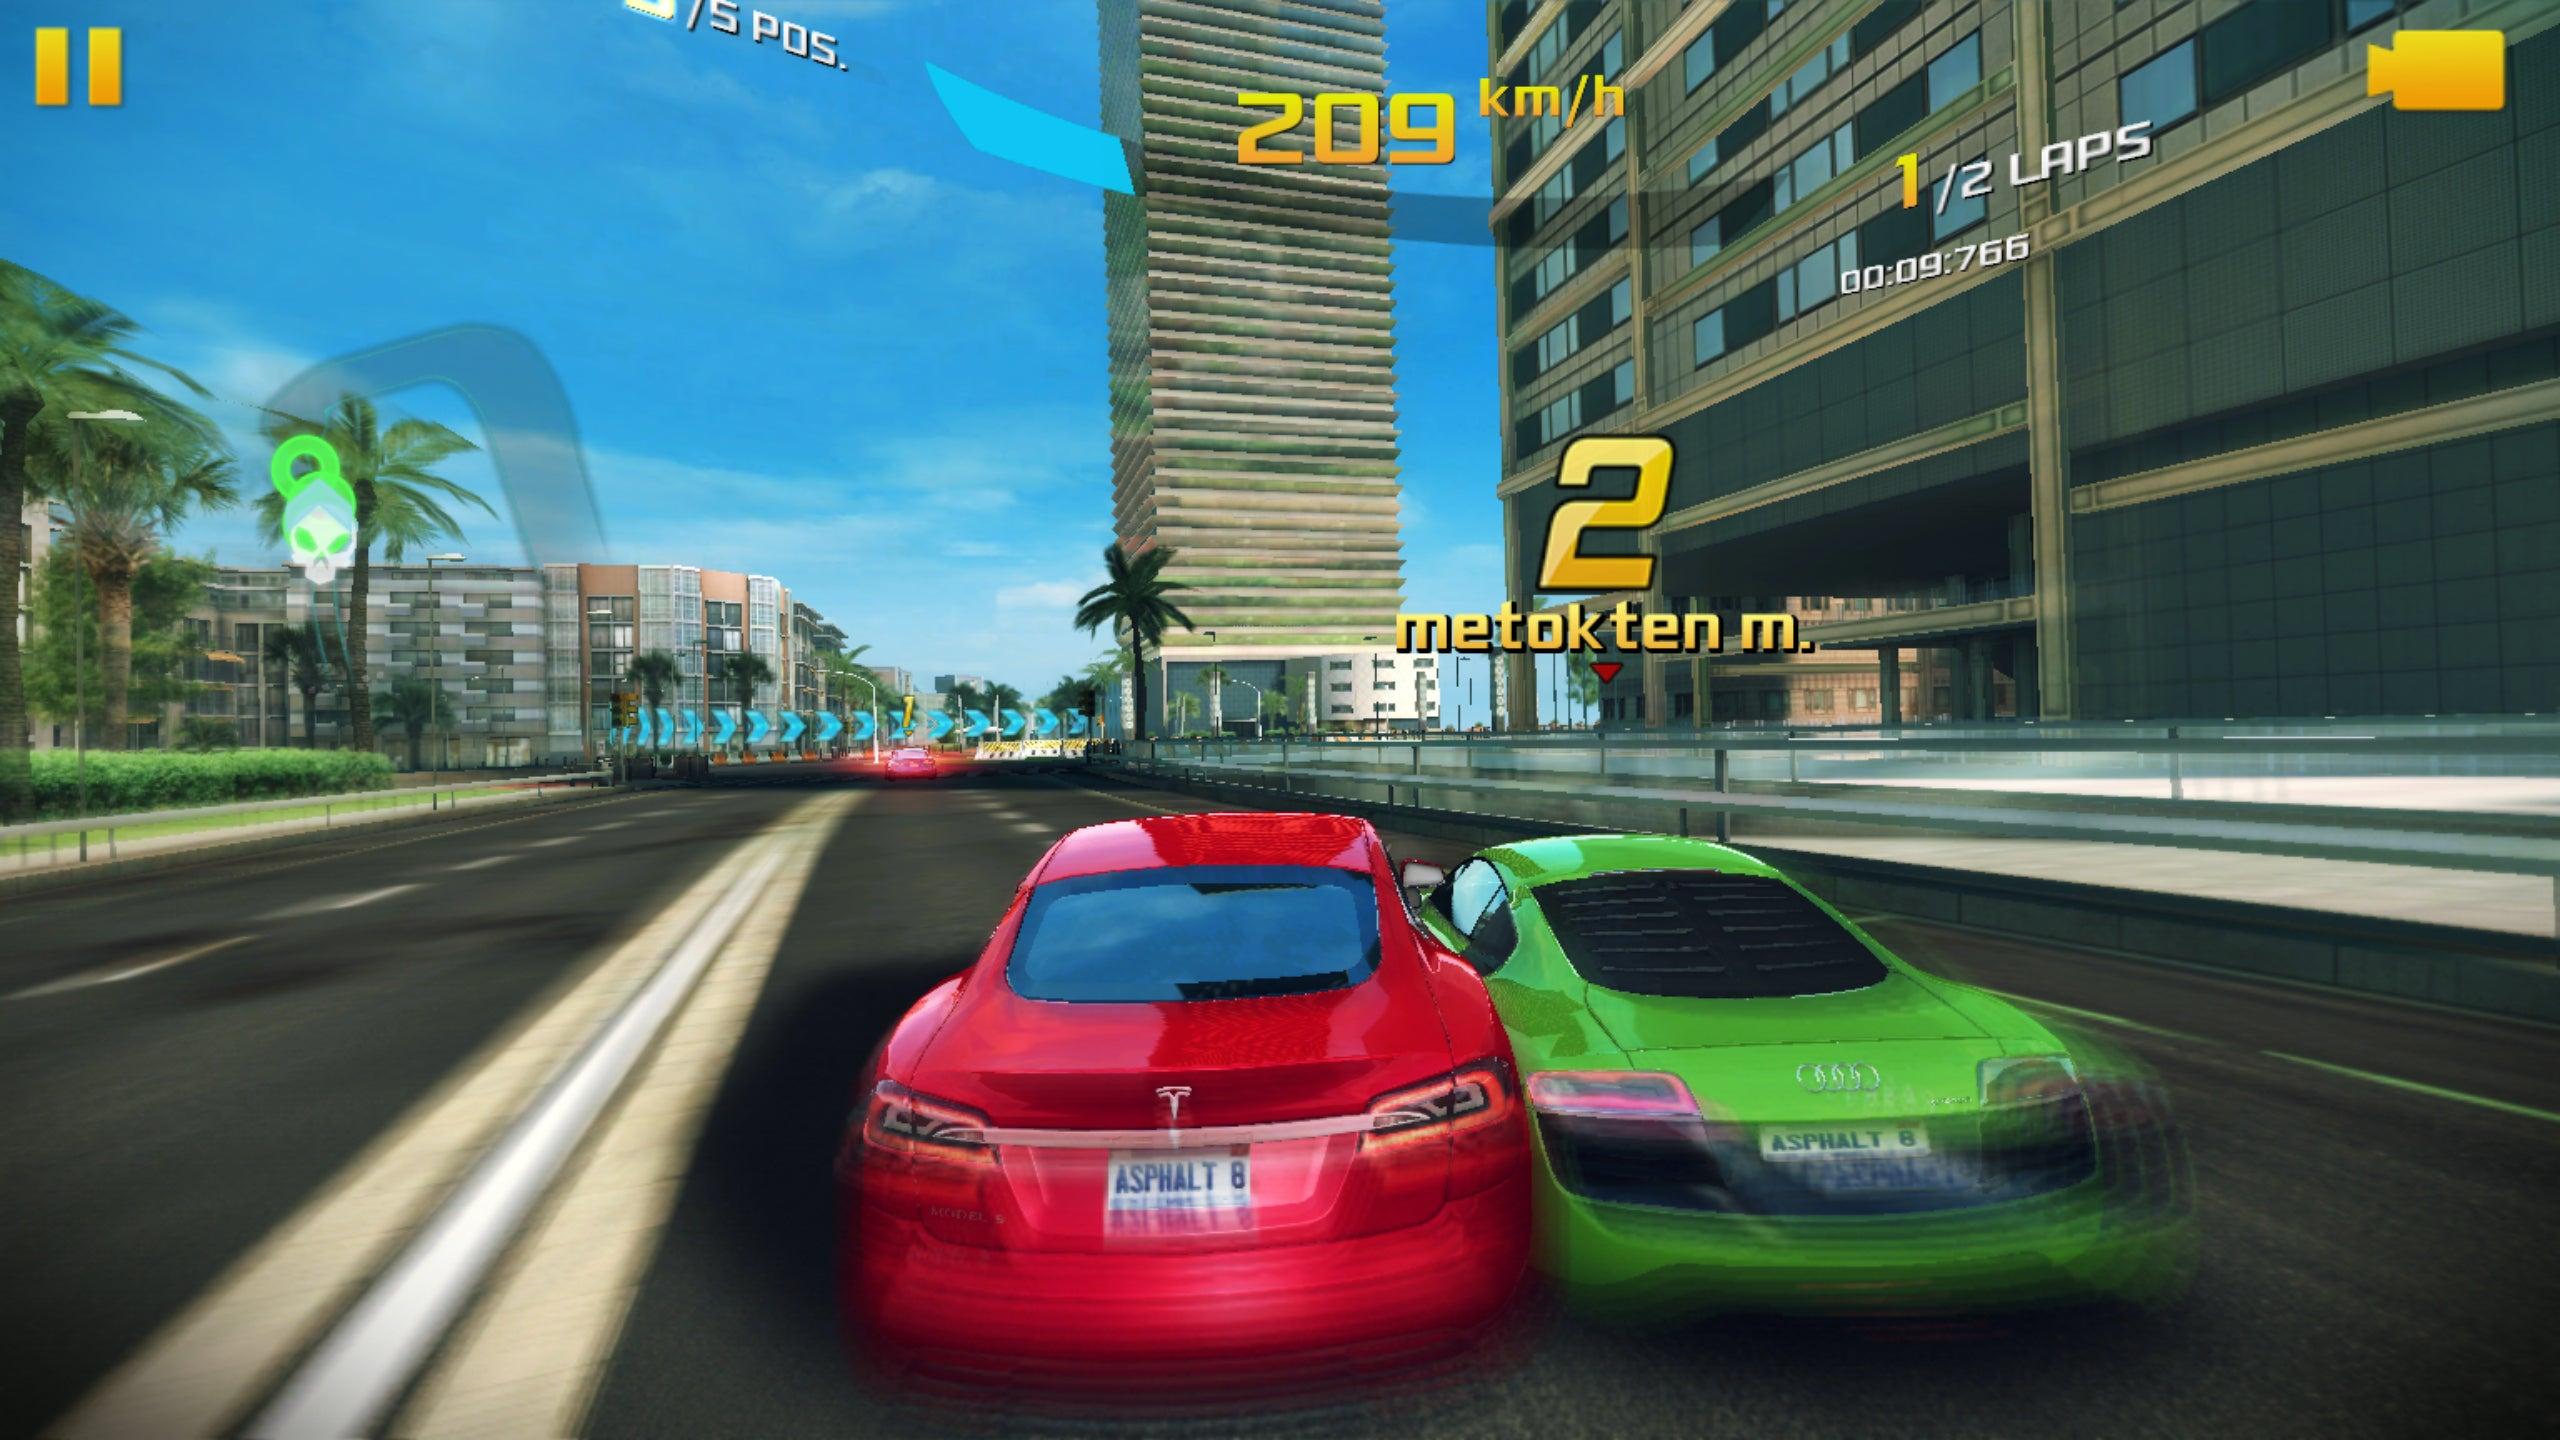 Multiplayer games asphalt8 see larger image